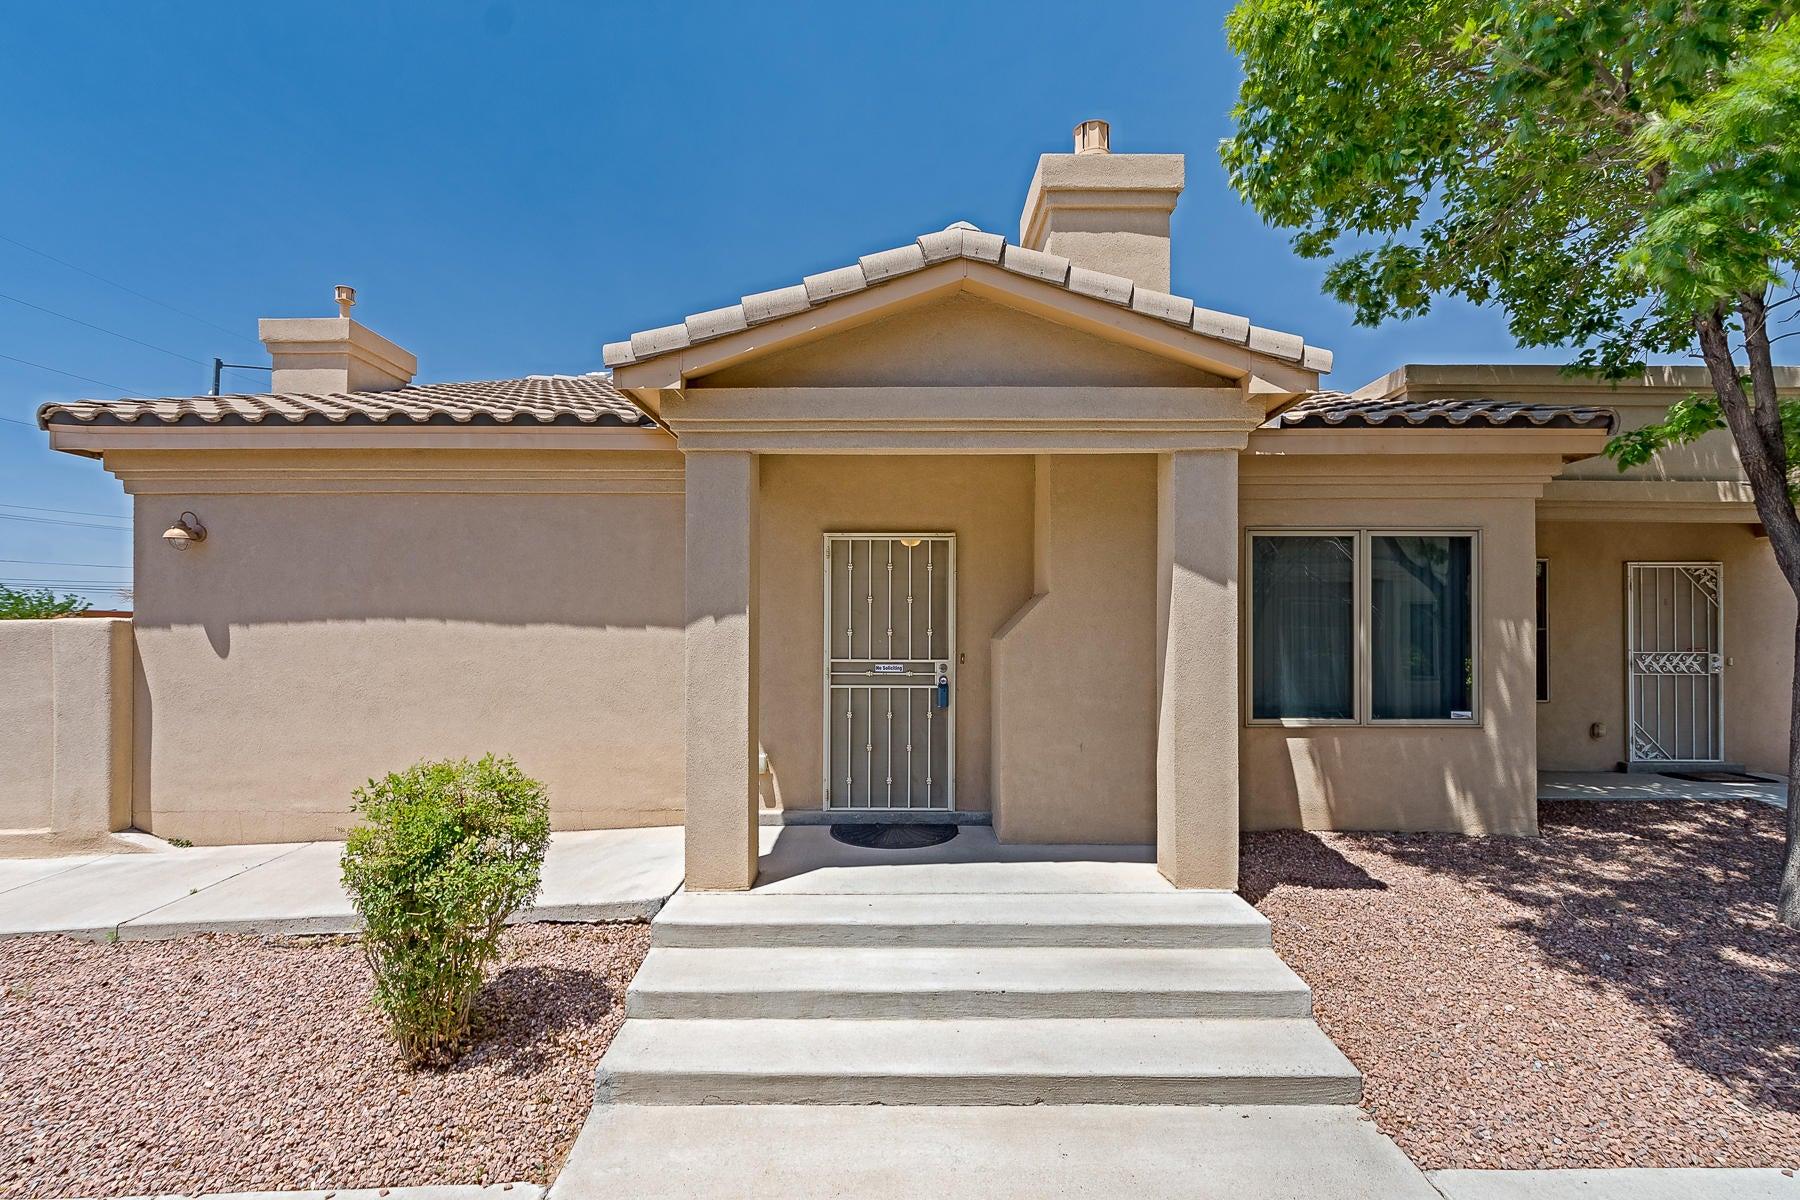 3011 SE Southern Boulevard, Rio Rancho, New Mexico